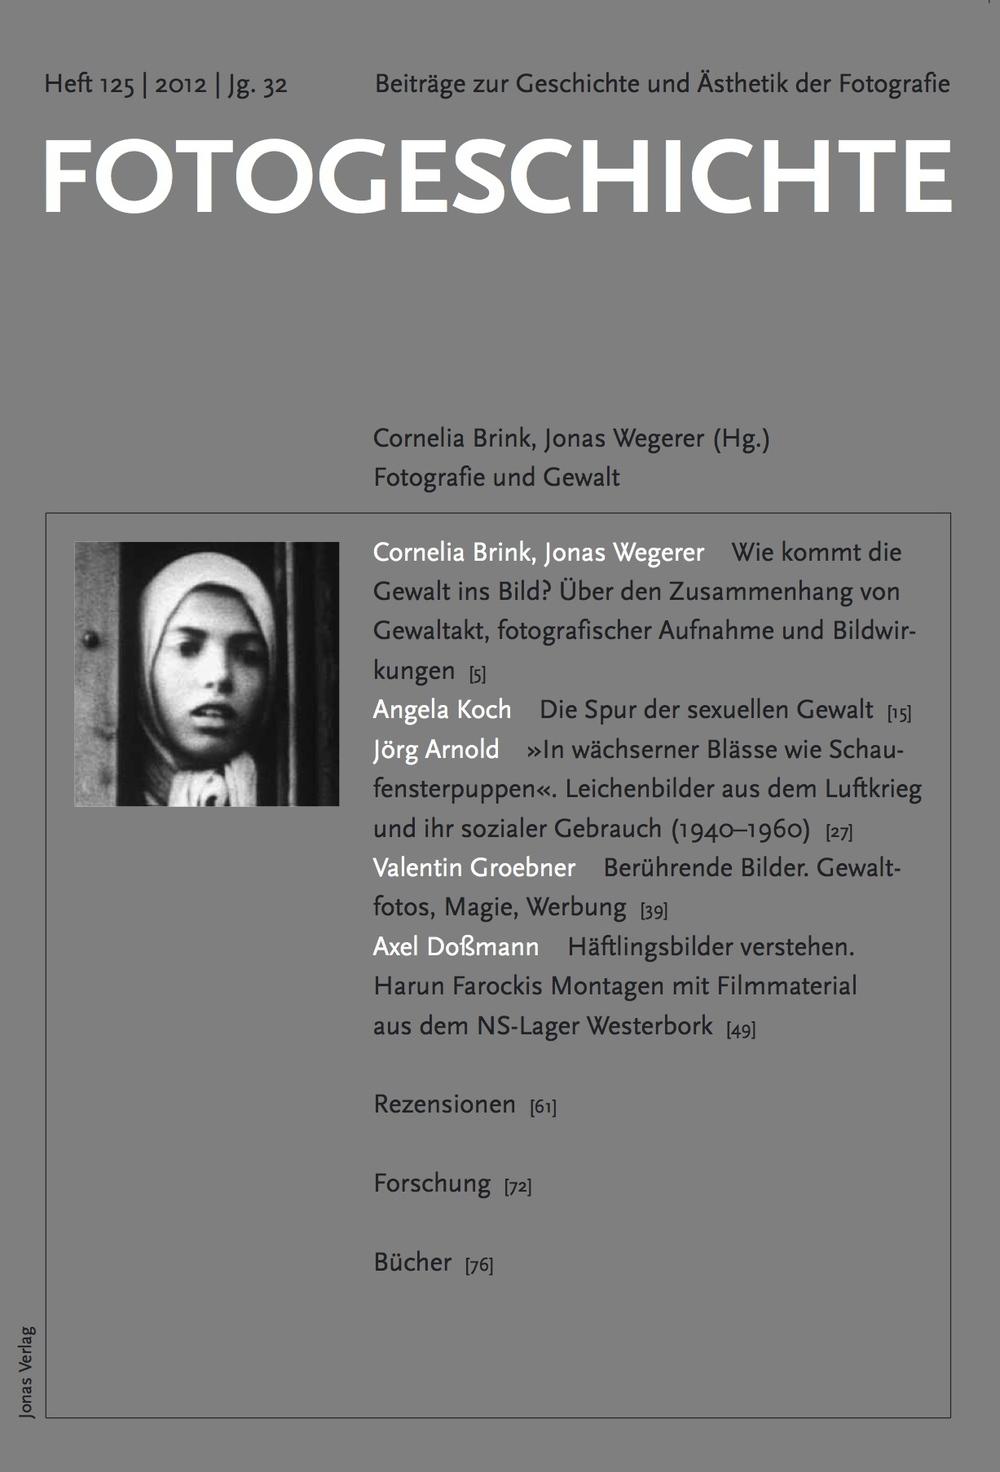 Cornelia Brink, Jonas Wegerer, Wie kommt die Gewalt ins Bild? Über den Zusammenhang von Gewaltakt, fotografischer Aufnahme und Bildwirkungen, in: Fotogeschichte H. 125, 2012, S. 5-14.